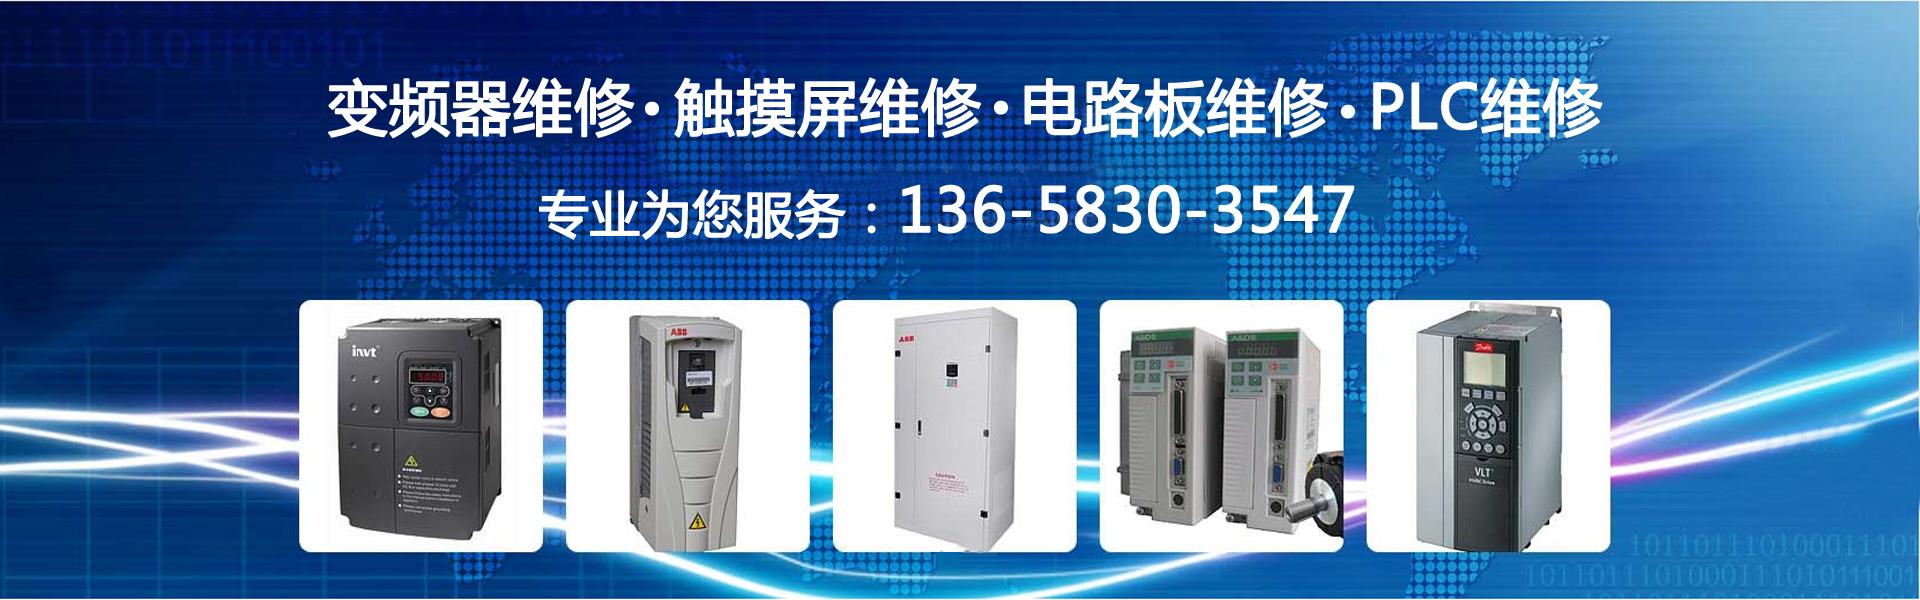 变频器维修、触摸屏维修、电路板魏旭、PLC维修  专业为您服务!